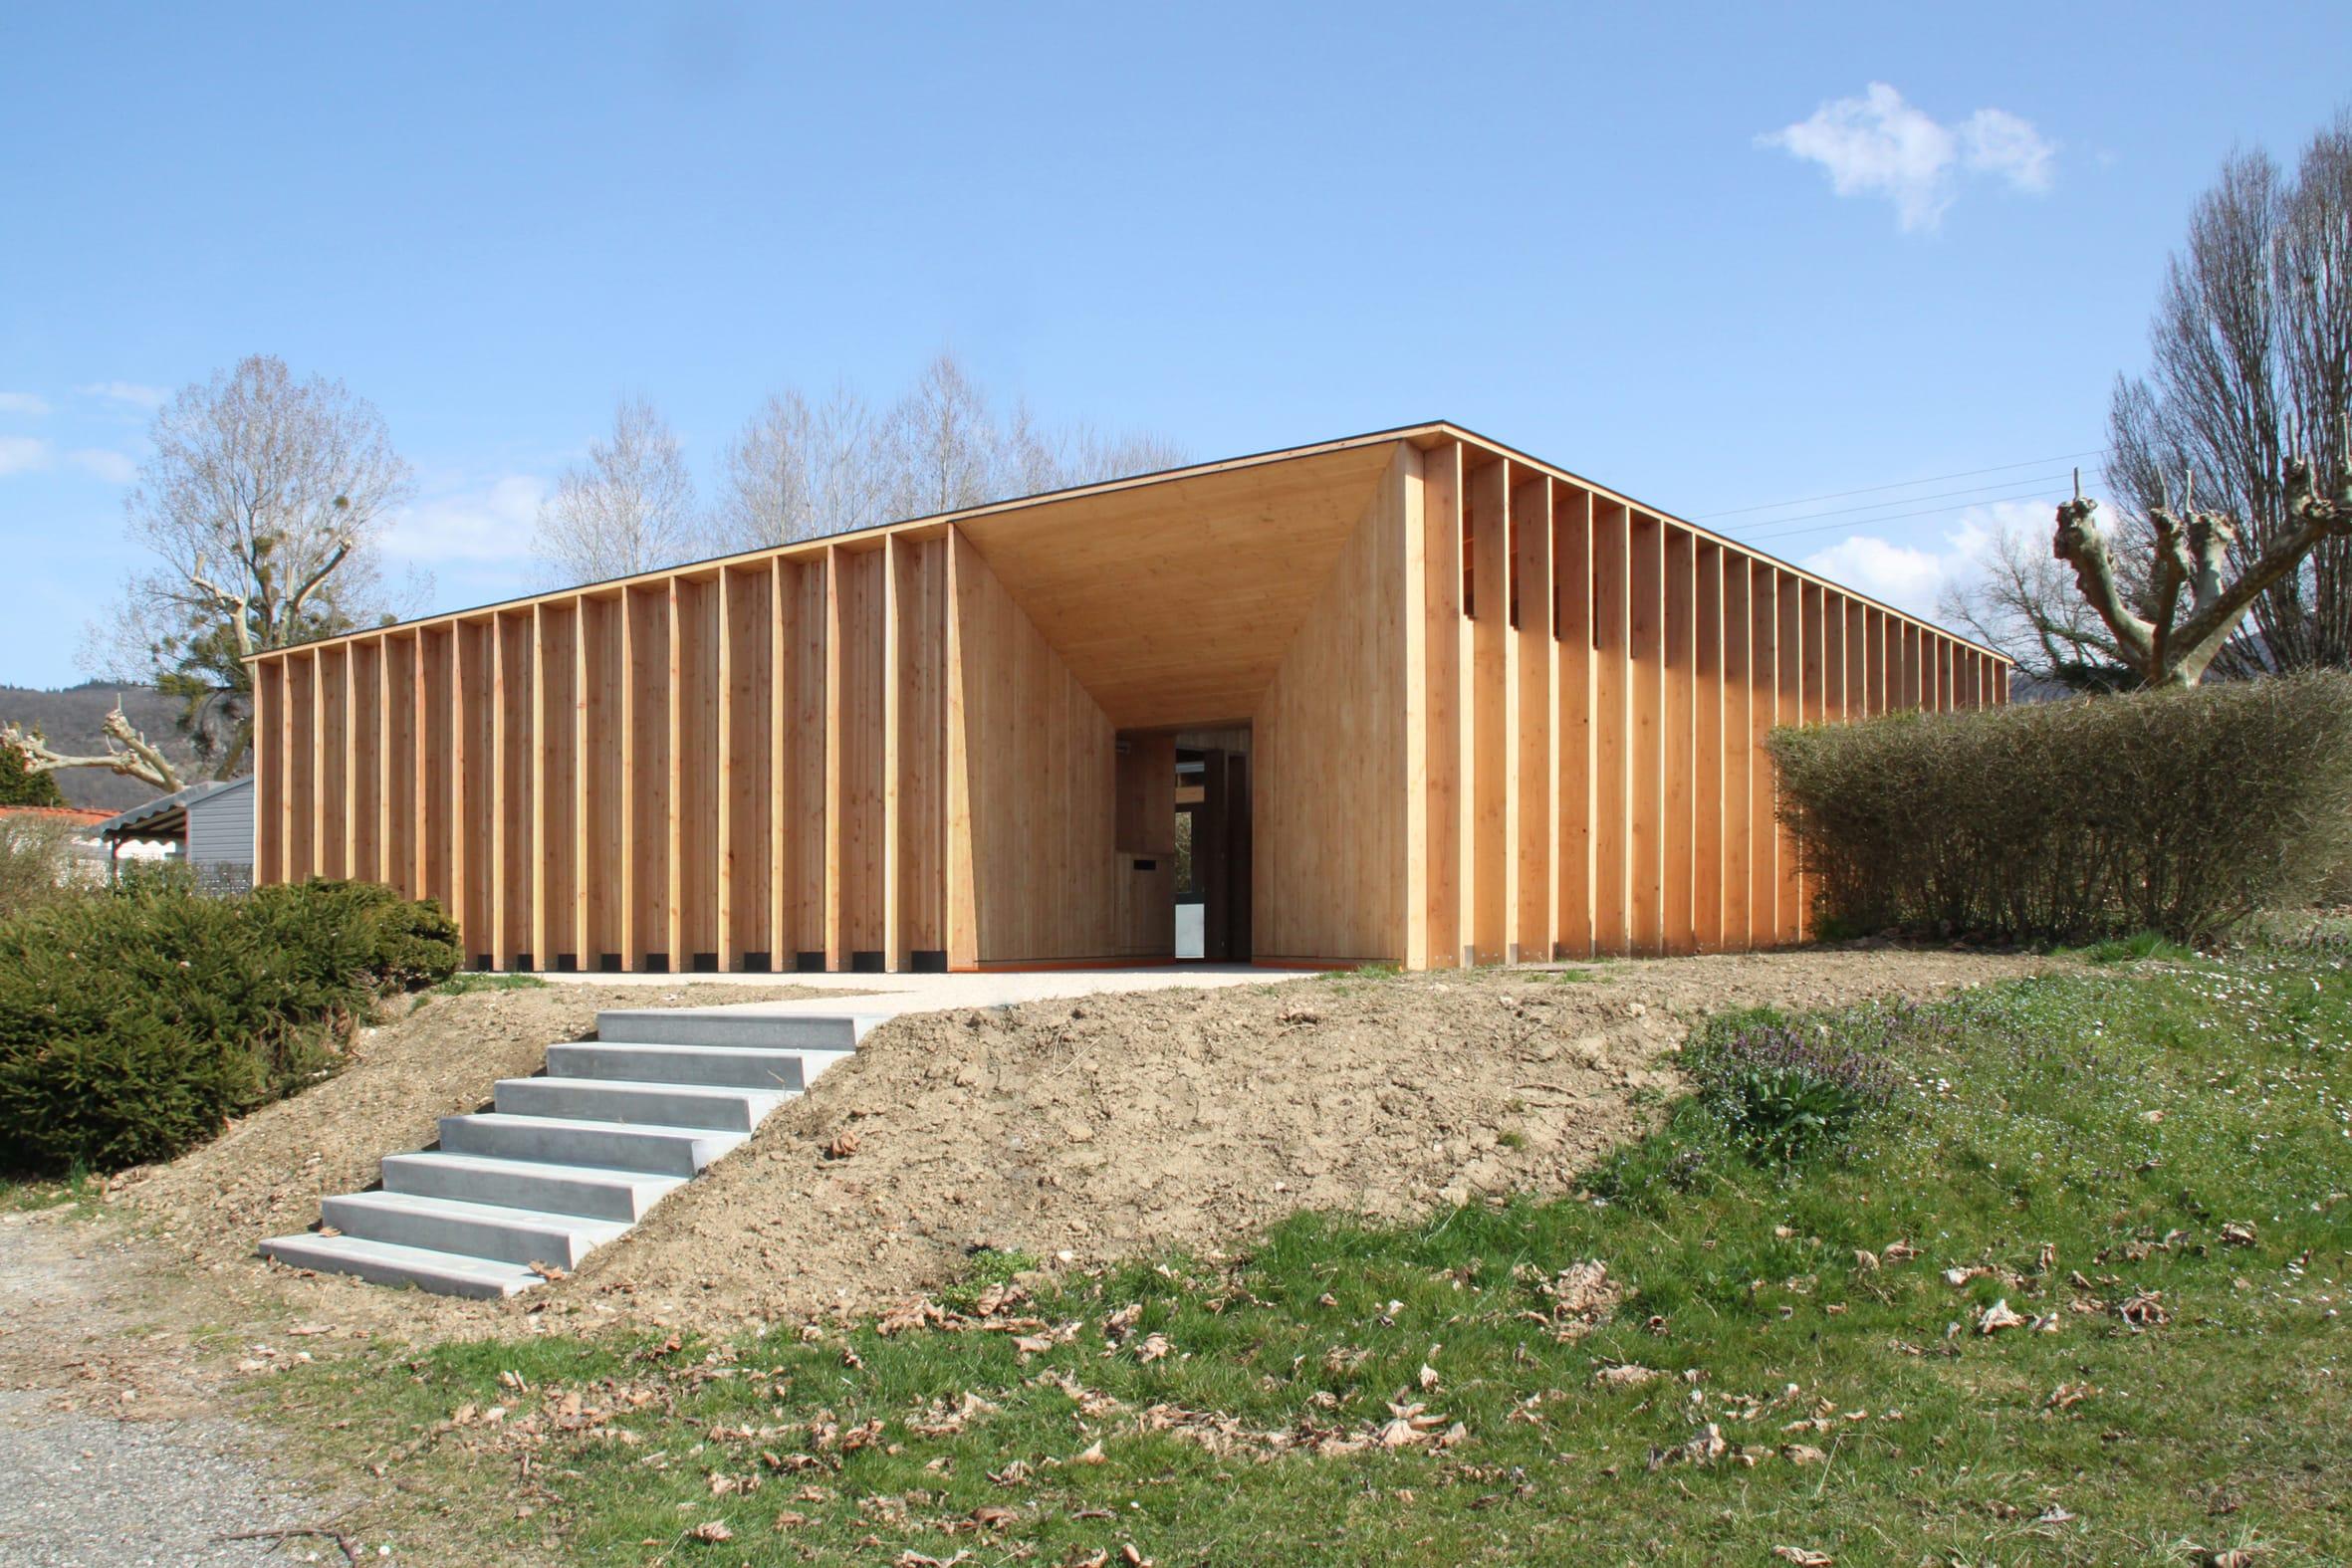 Lit Poutre Bois Massif atelier régis roudil architectes · sanitaires au lac du lit